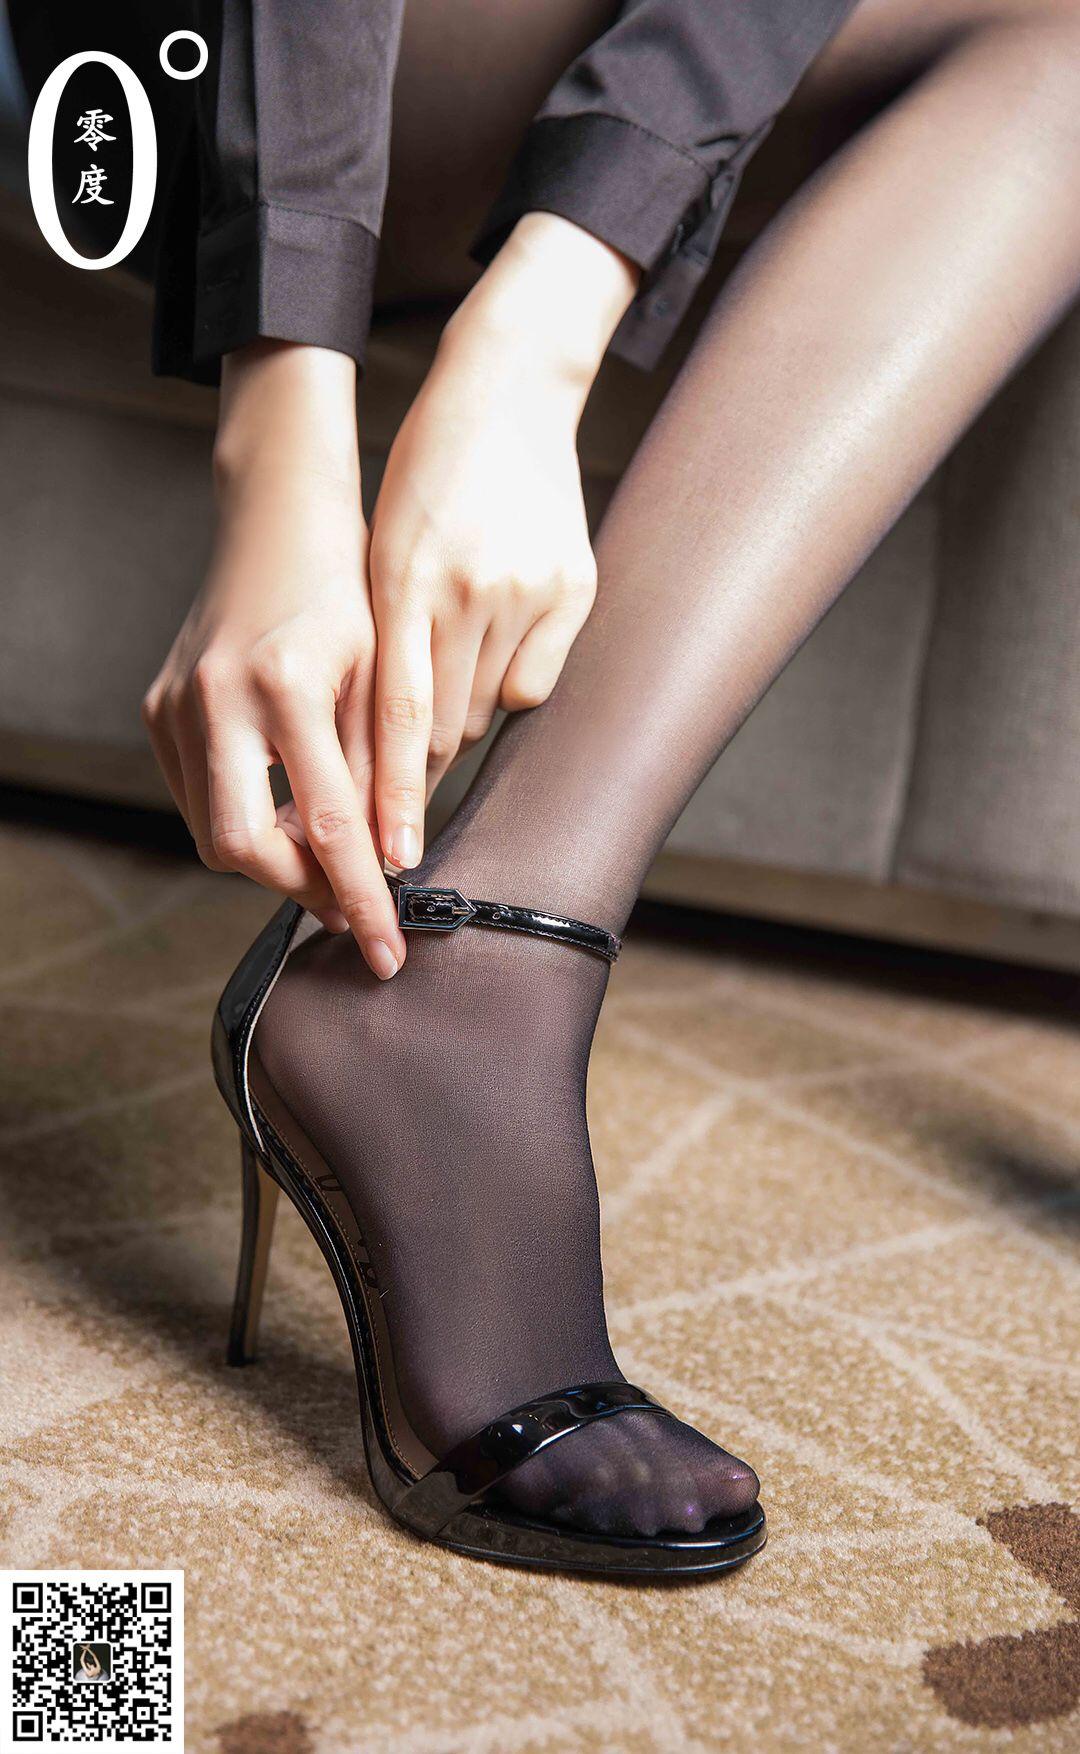 VOL.607 [LD零度]丝袜熟女黑丝制服黑丝诱惑:模特优优超高清写真套图(56P)